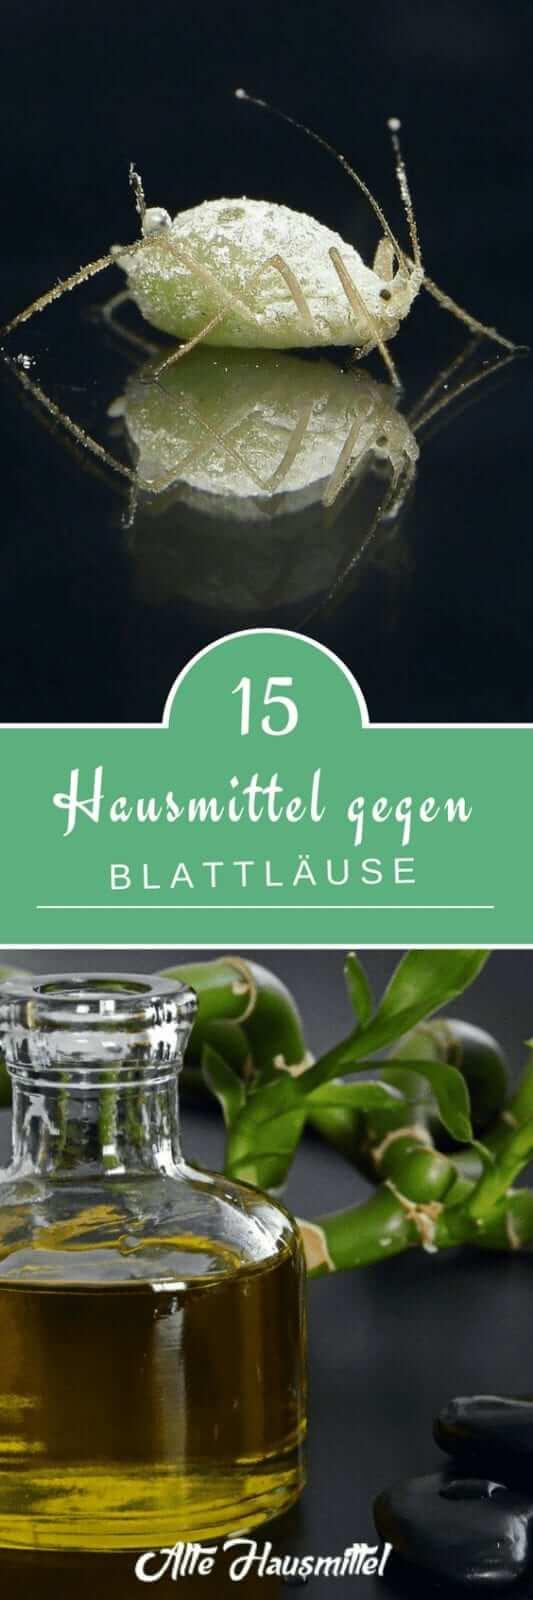 15 Hausmittel gegen Blattläuse